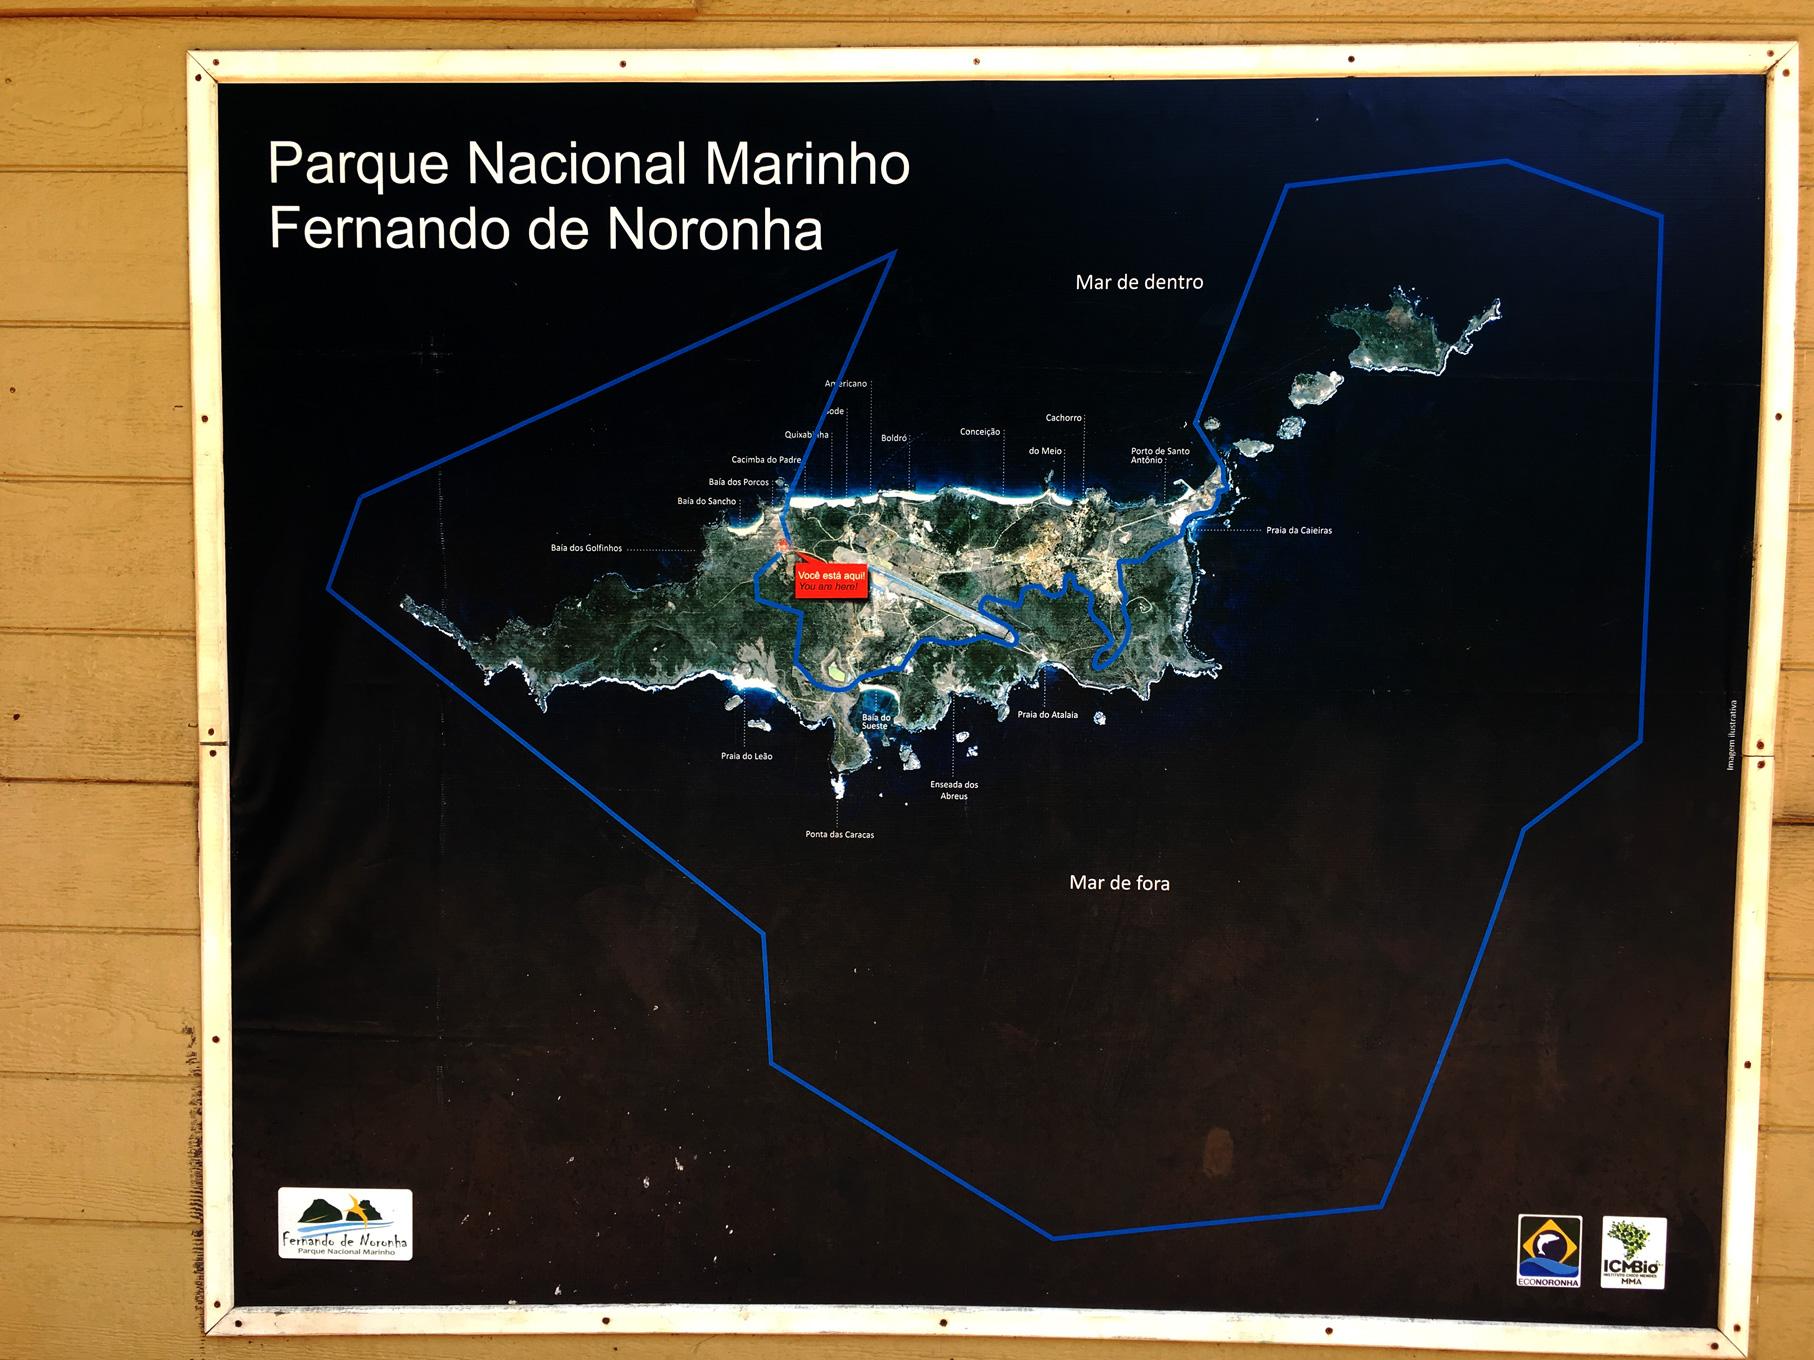 Imagem de satélite do arquipélago de Fernando de Noronha com a demarcação da área do Parque Nacional Marinho.